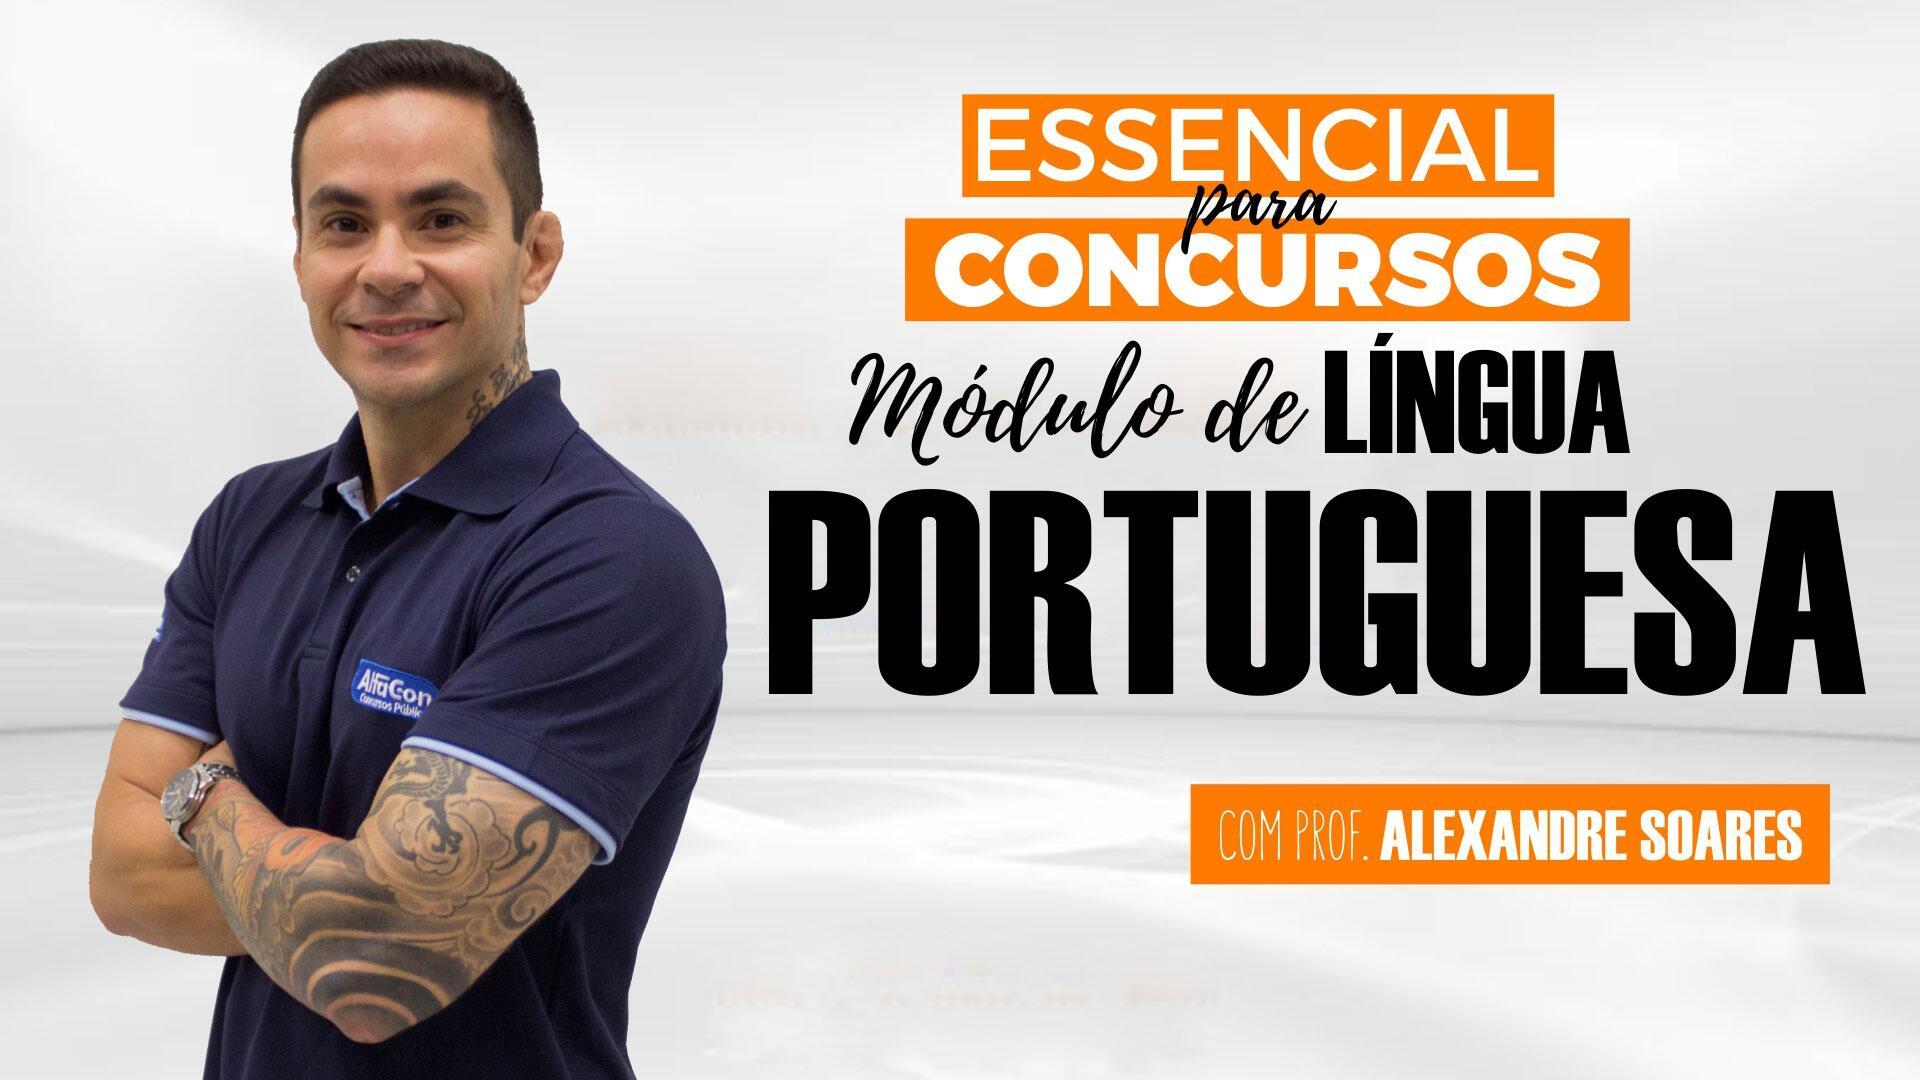 Essencial para concursos: Módulo de Língua Portuguesa